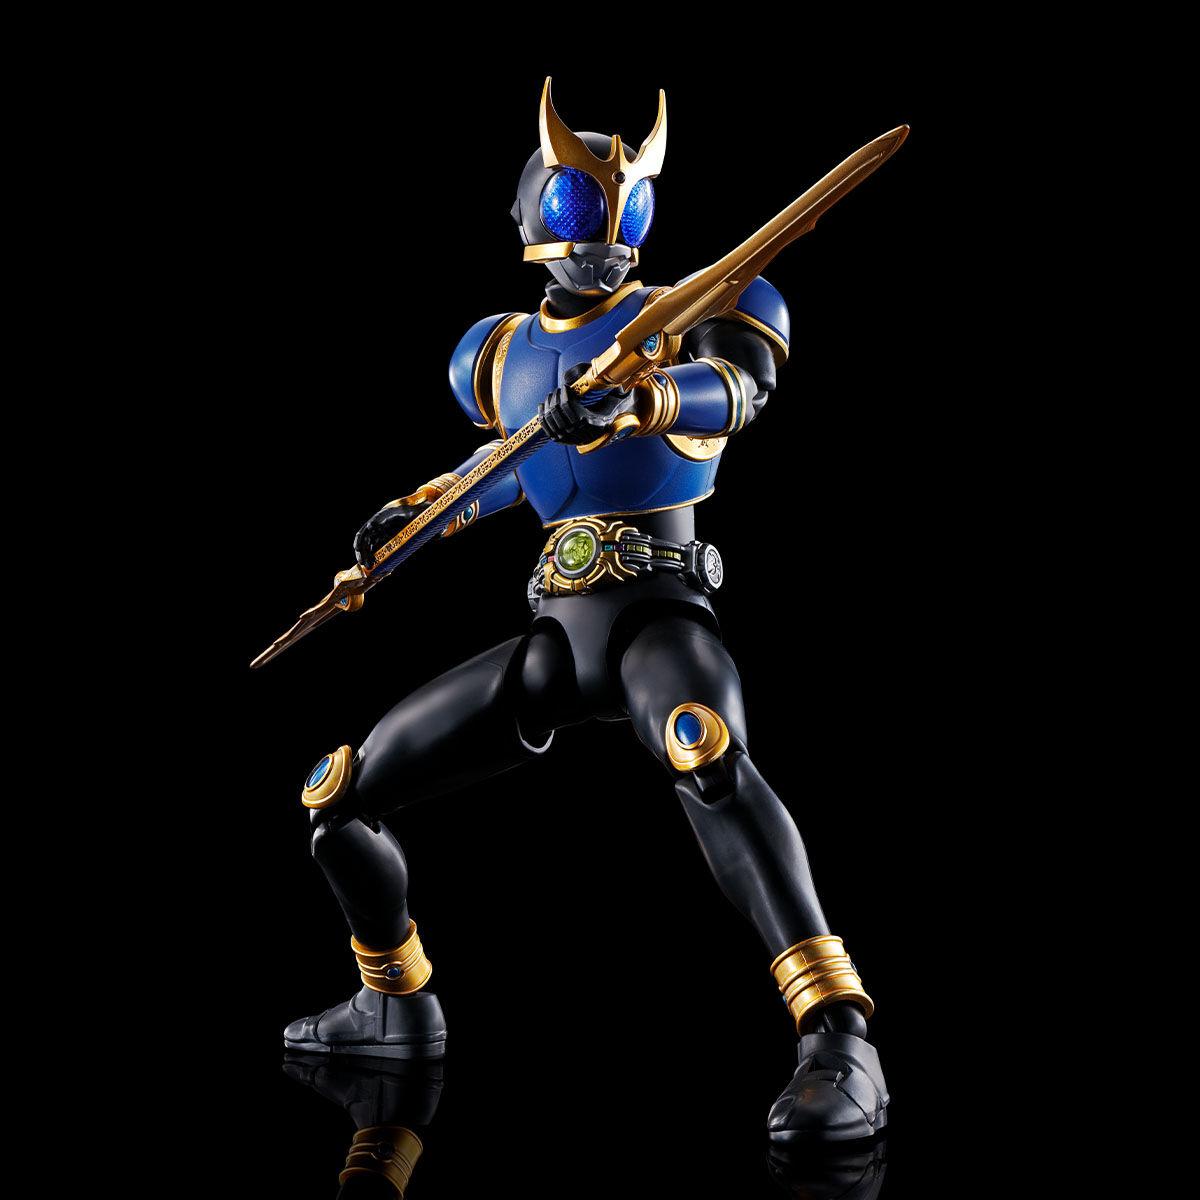 【限定販売】Figure-rise Standard『仮面ライダークウガ ドラゴンフォーム/ライジングドラゴン』プラモデル-006